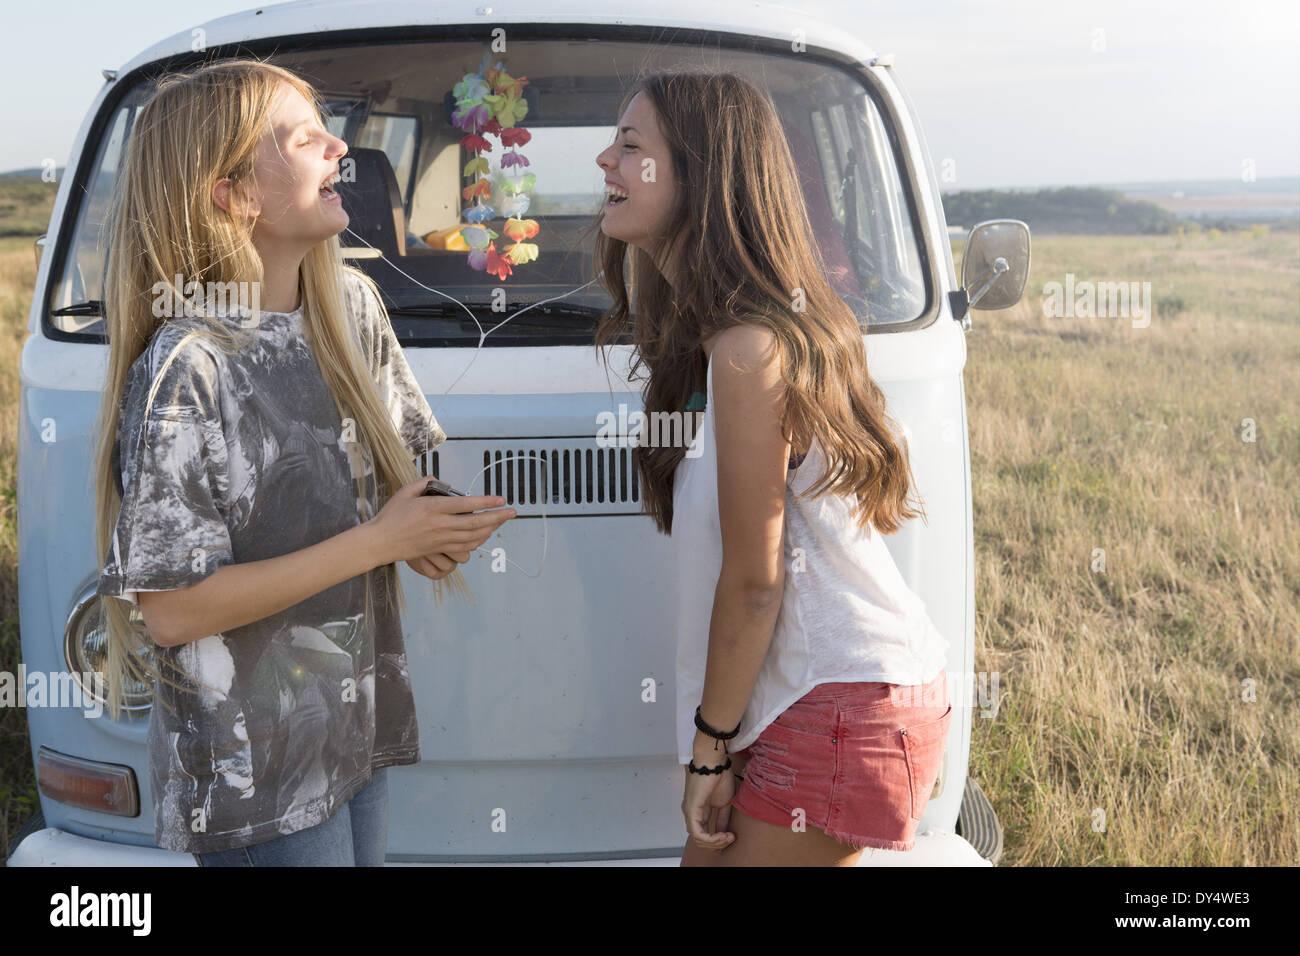 Las mujeres jóvenes escuchando música de autocaravanas Imagen De Stock